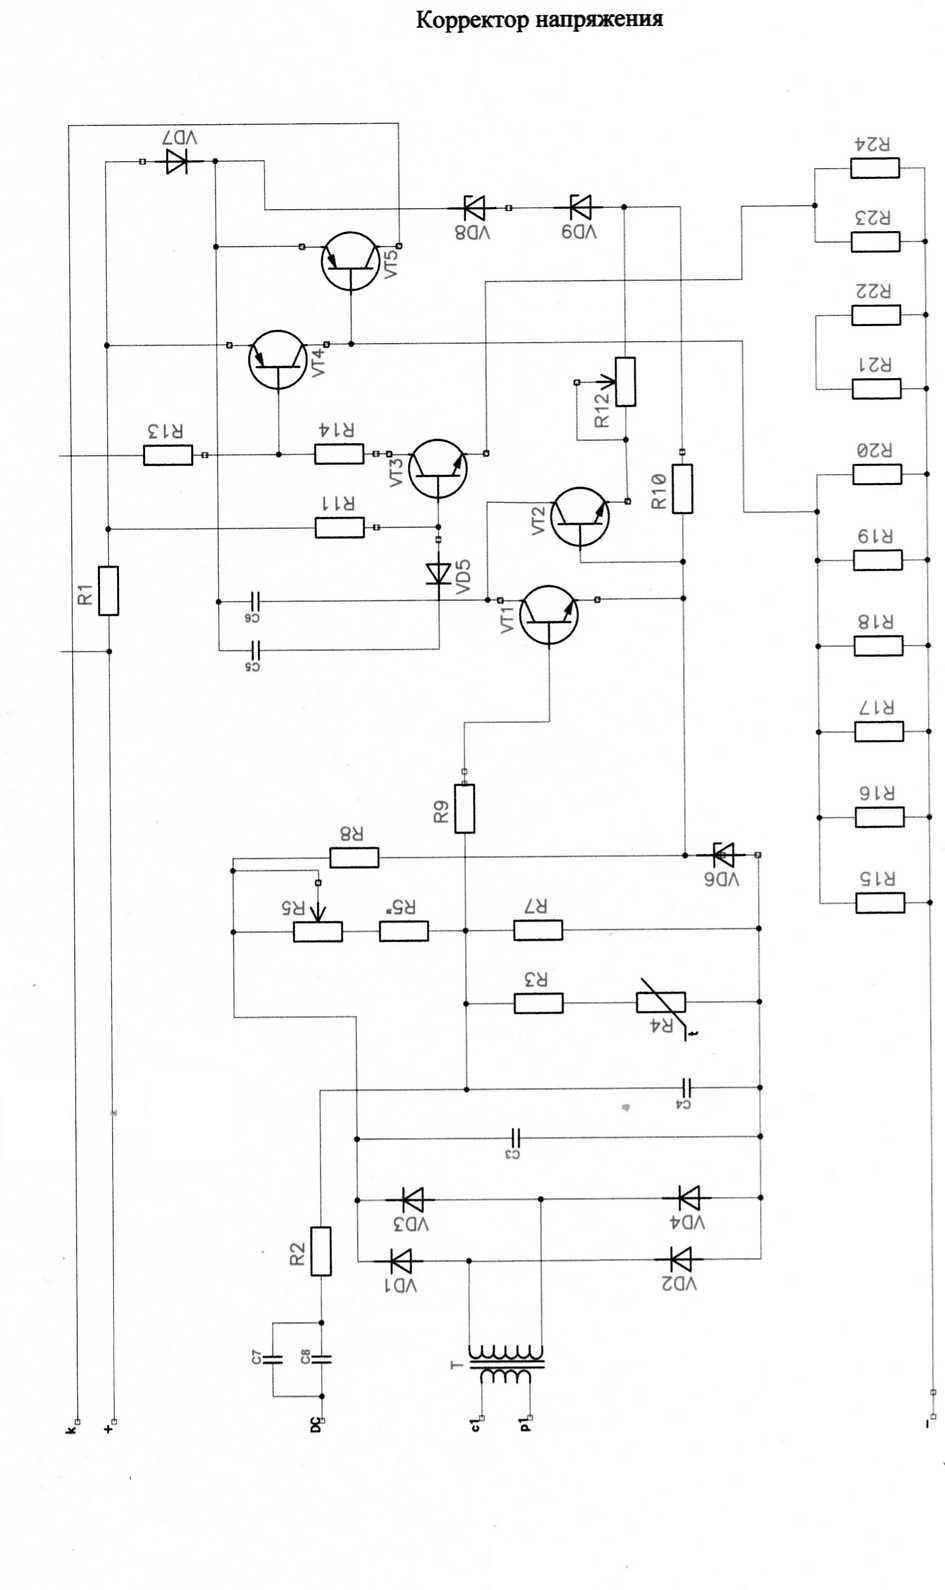 схема корректора напряжения кнм 3